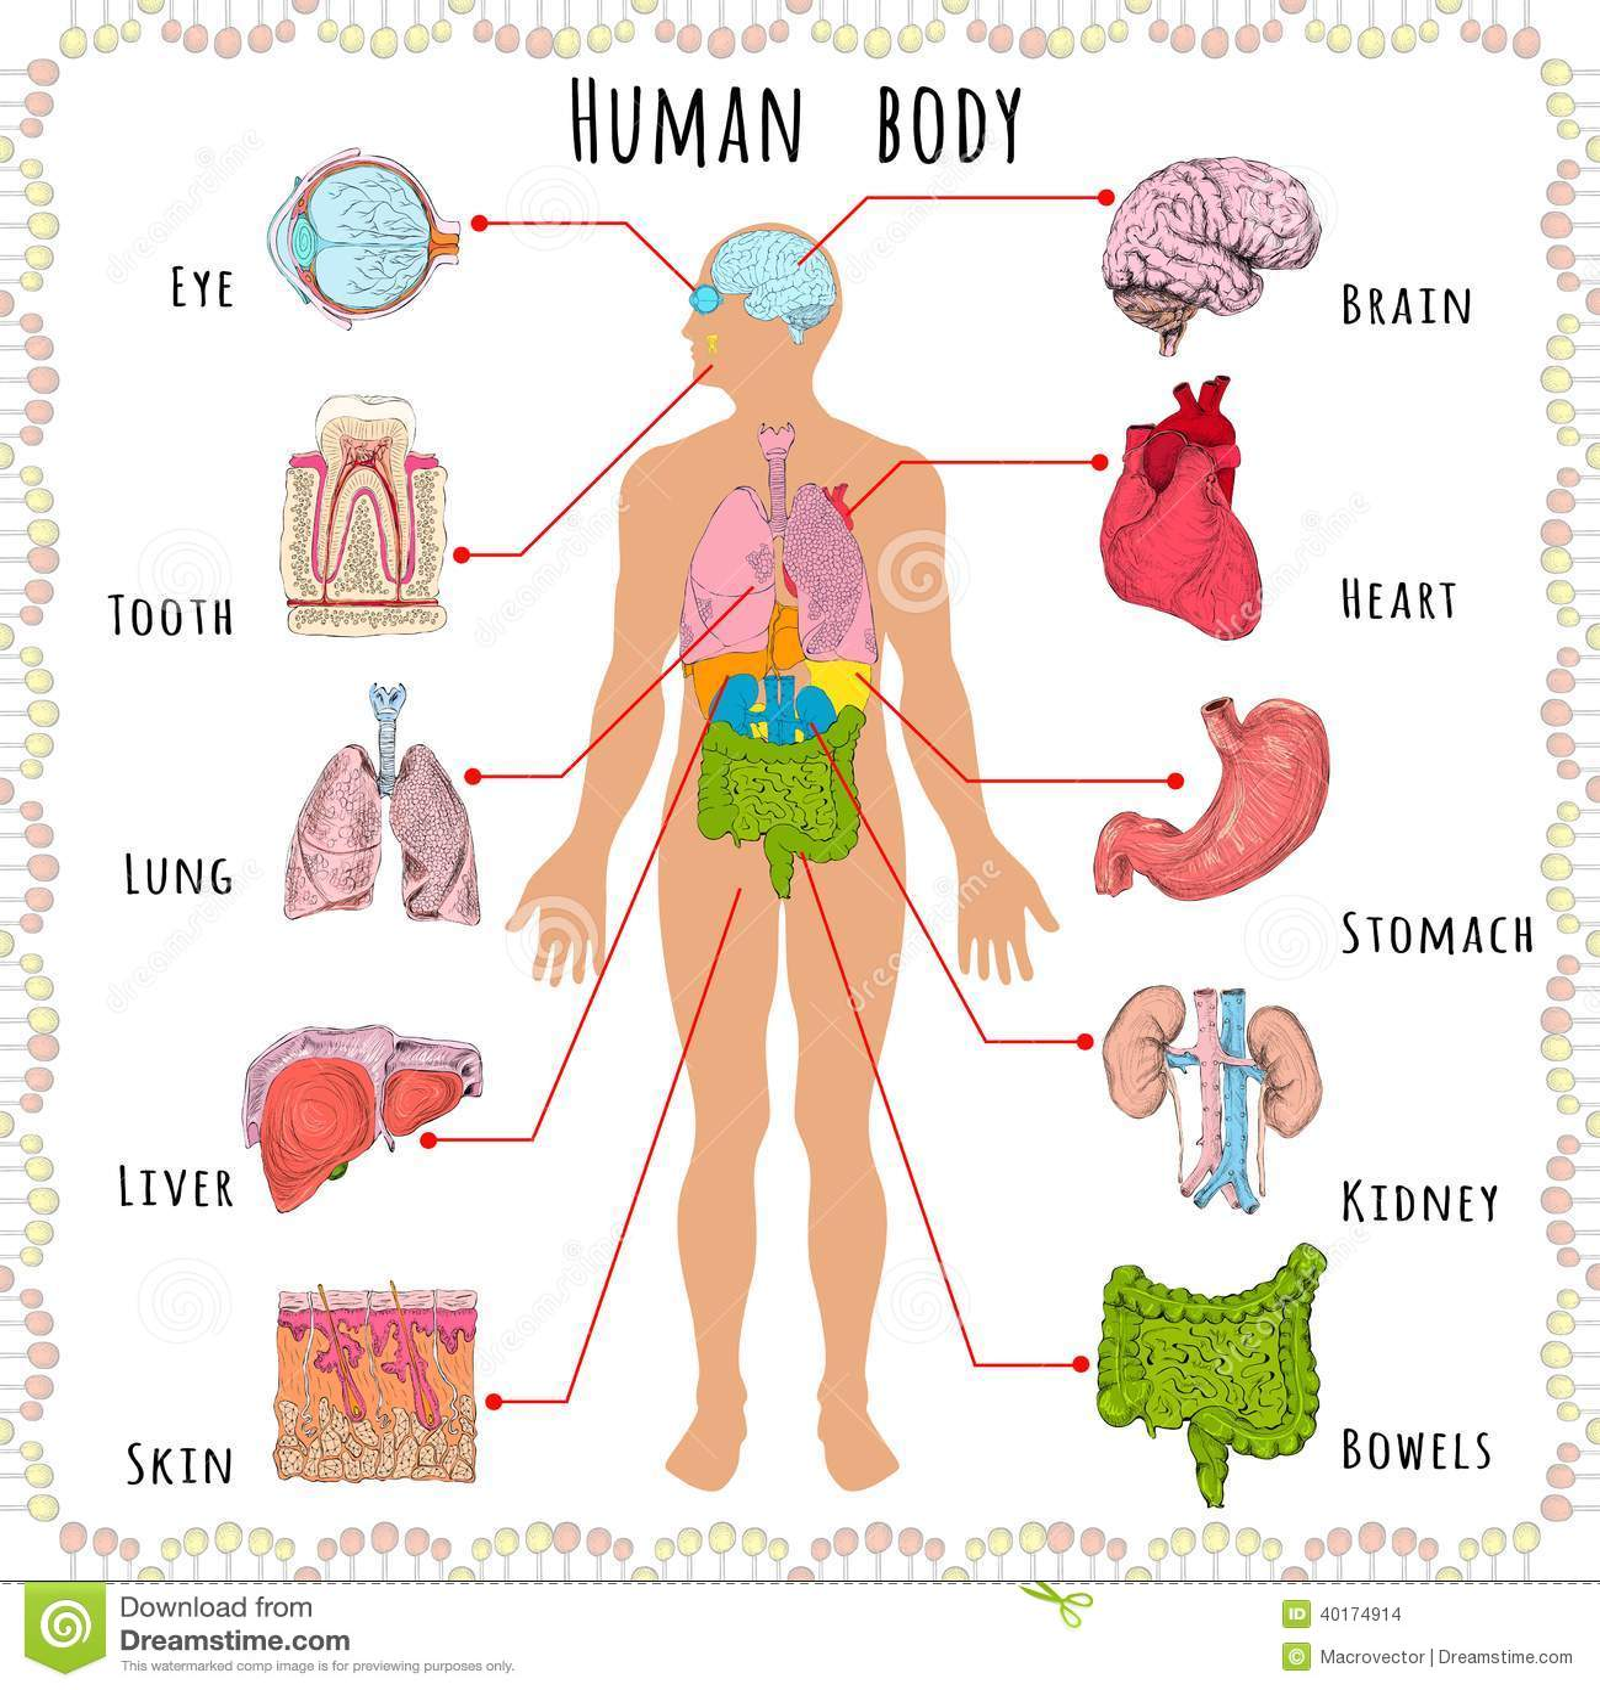 Diagrama Que Muestra Sistemas Del Cuerpo Humano Ilustración del ...